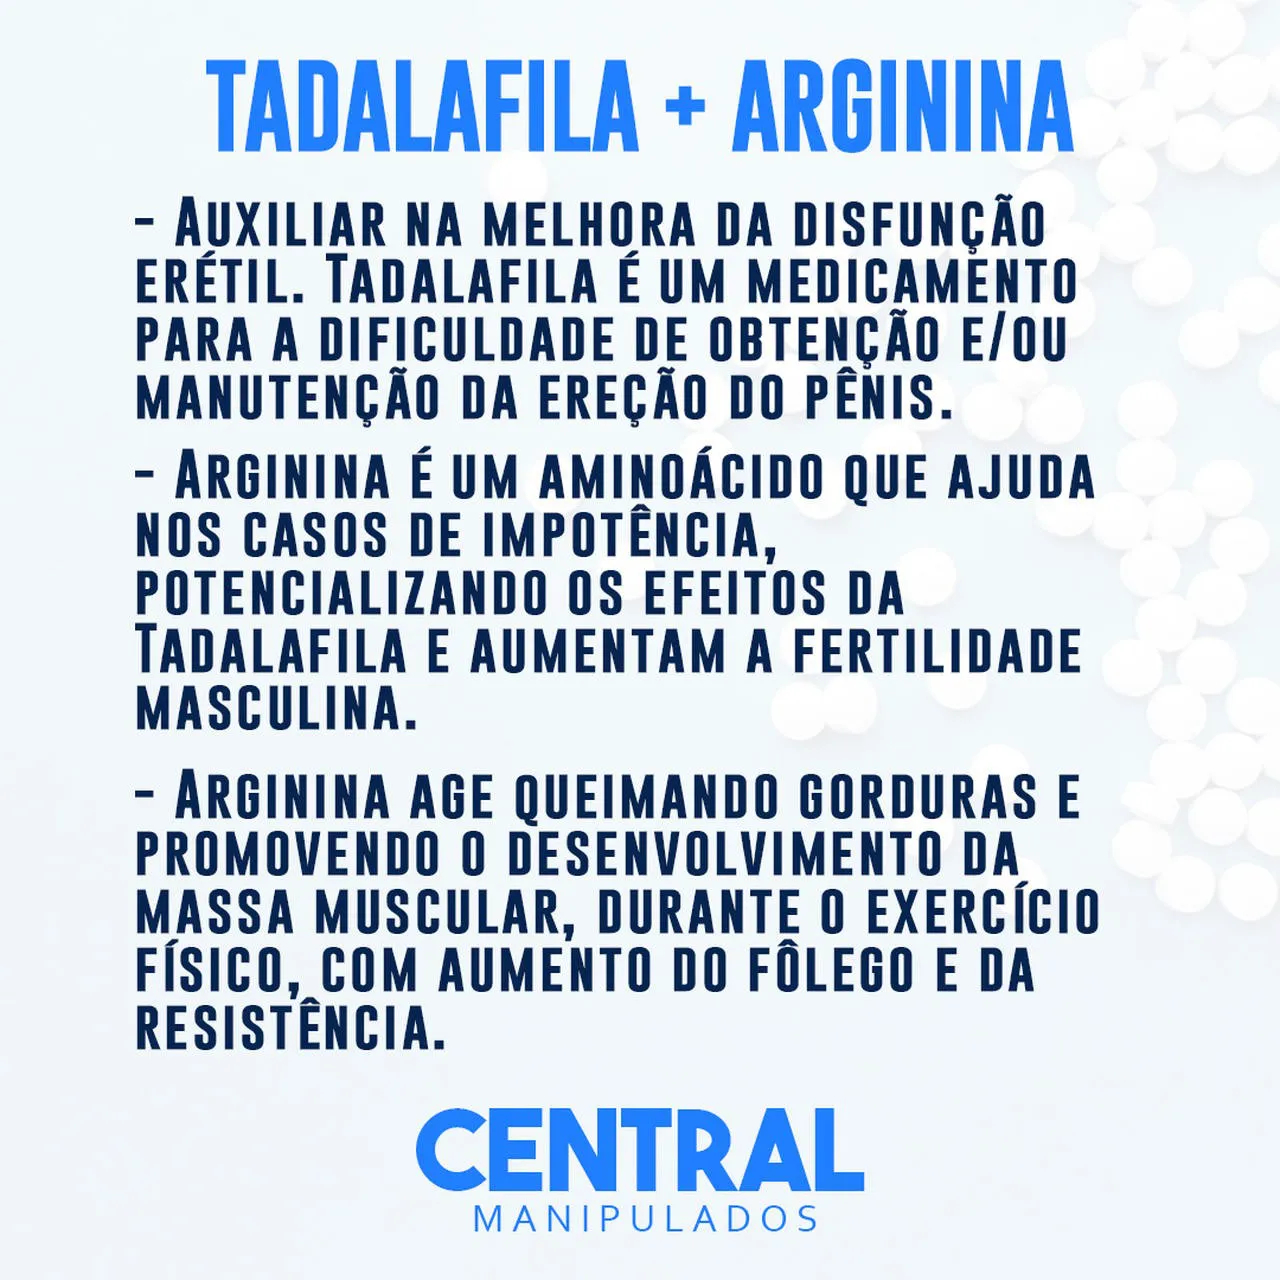 Tadalafila 15mg 30 Cápsulas + Arginina 500mg 30 Cápsulas - Vasodilatação e Ereção